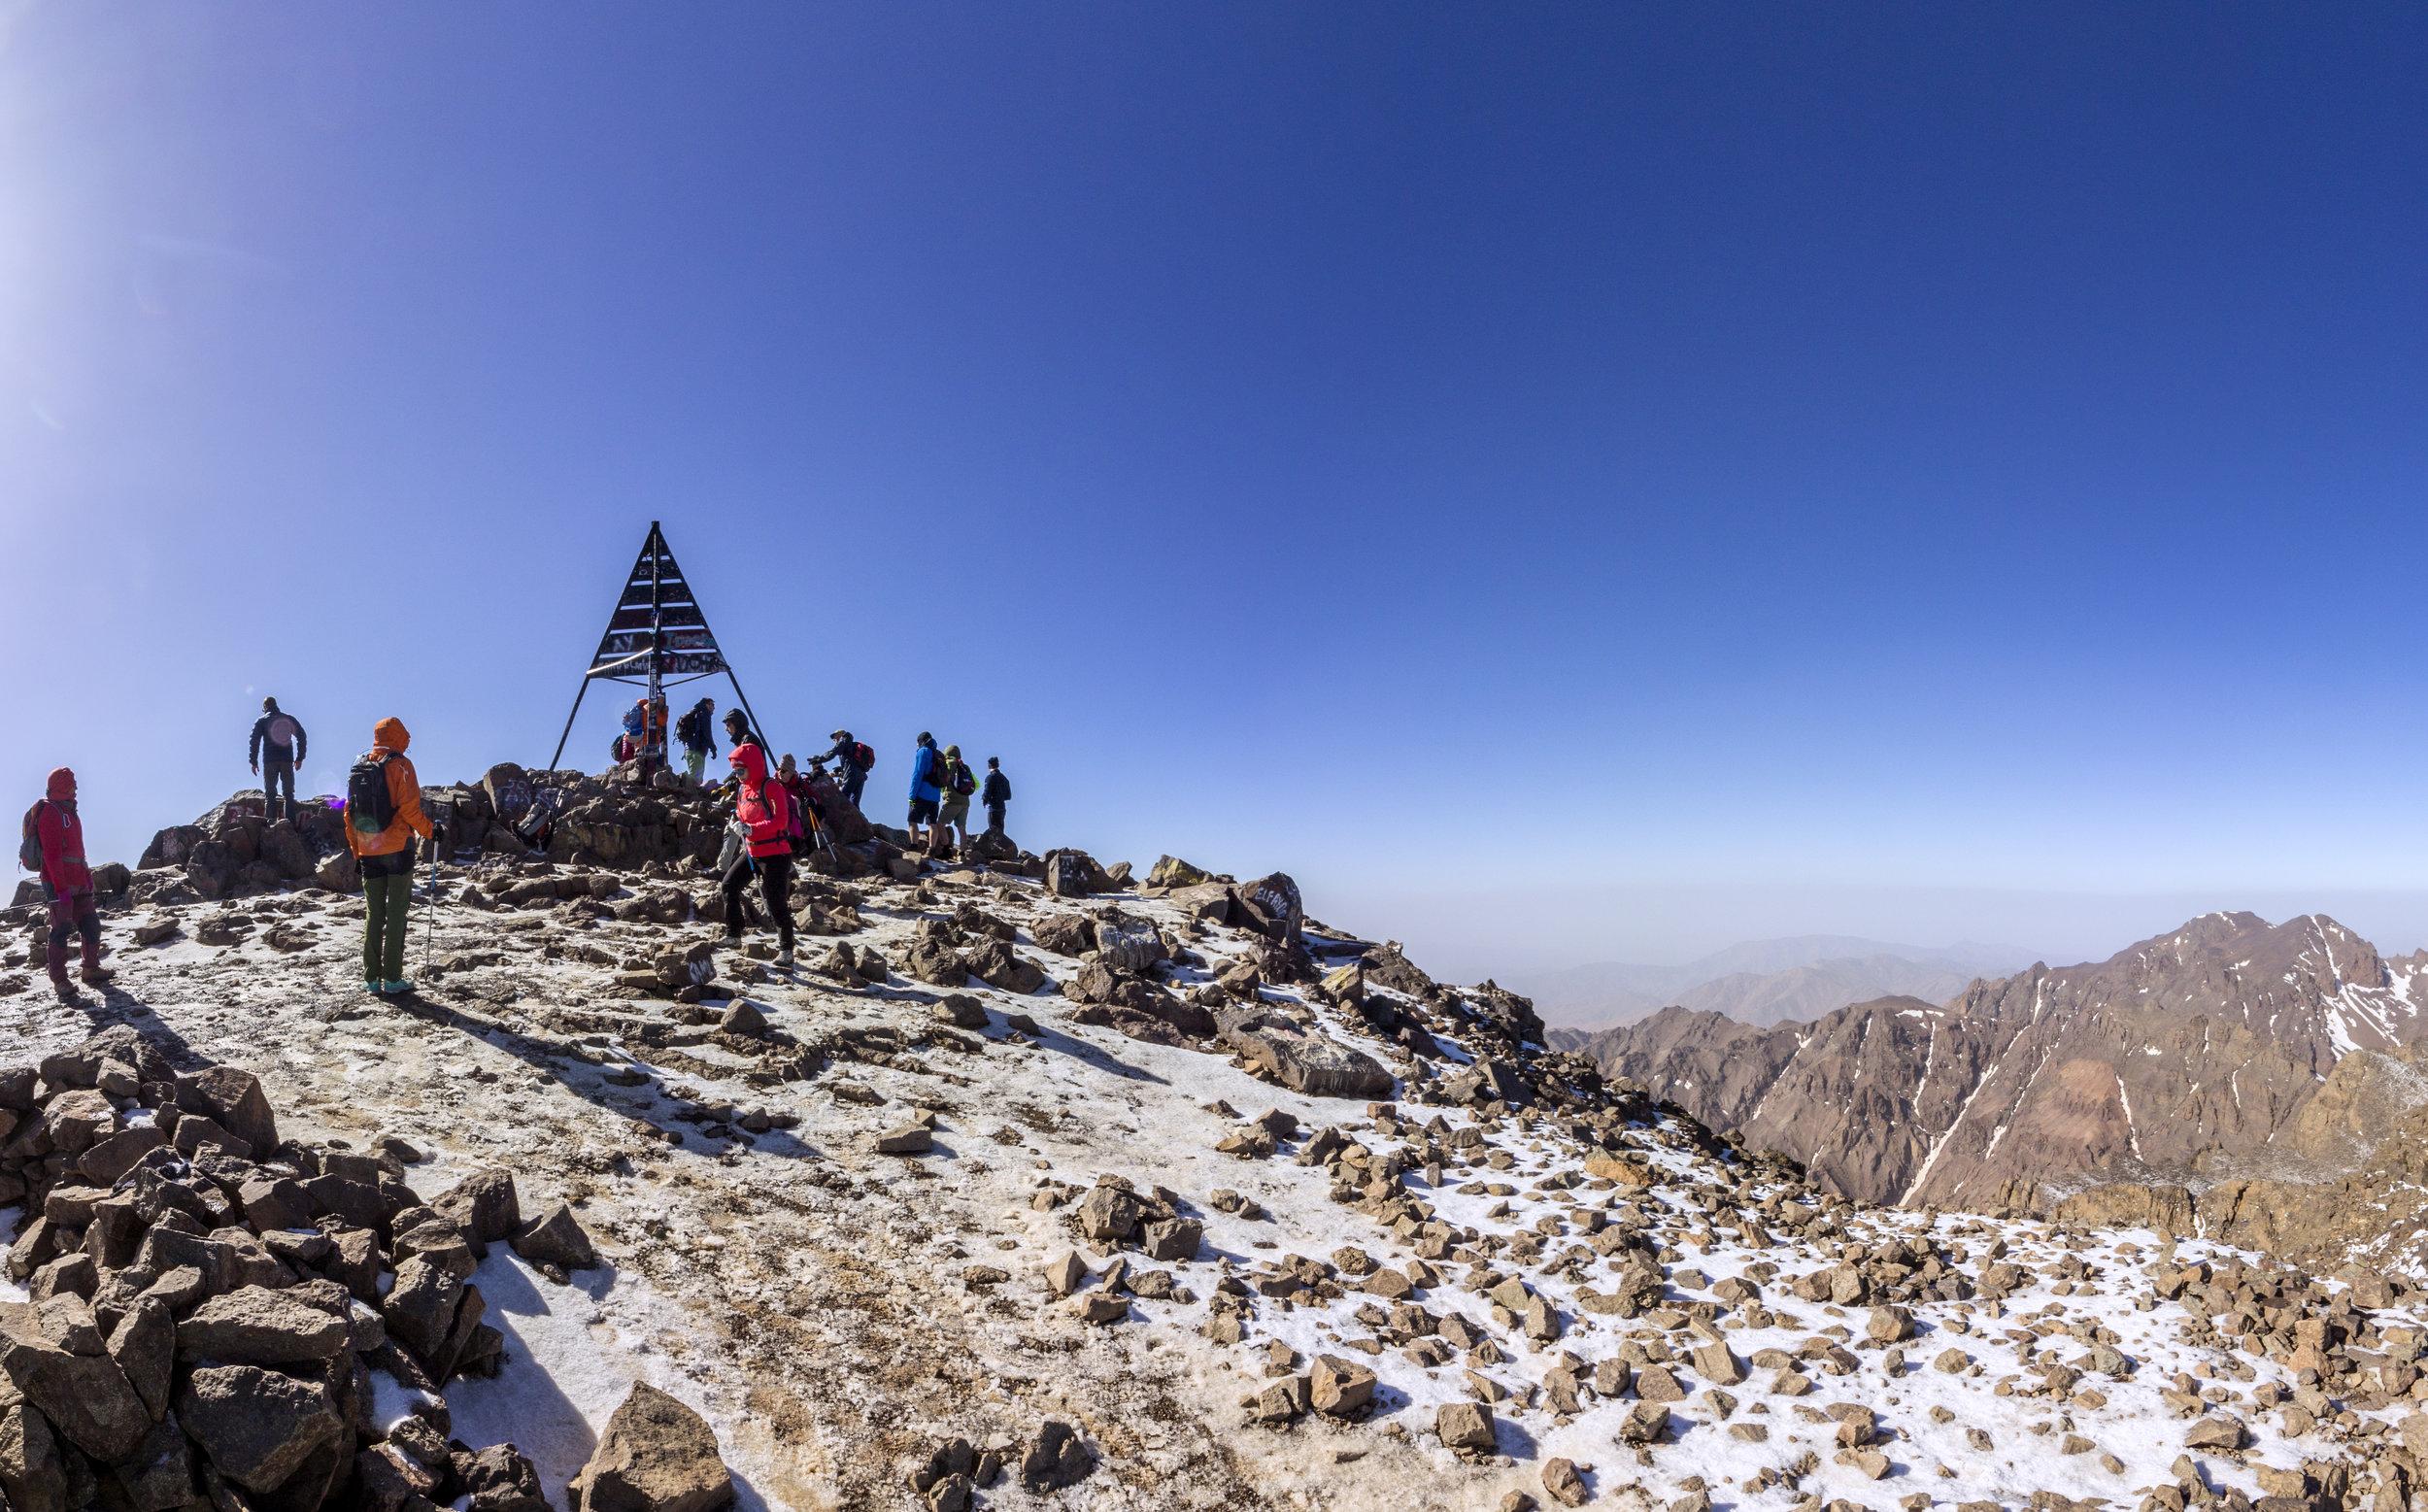 Expedición Toubkal 4.165 m. - Su cima más alta es el Jbel Toubkal, situado a dos horas de Marrakech. Es una montaña sin grandes dificultades técnicas, no obstante, su ascensión presenta un interés montañero importante y su altura (4.165 metros) le dan un especial atractivo, introduciéndonos en el mundo de las montañas de cuatro mil metros.